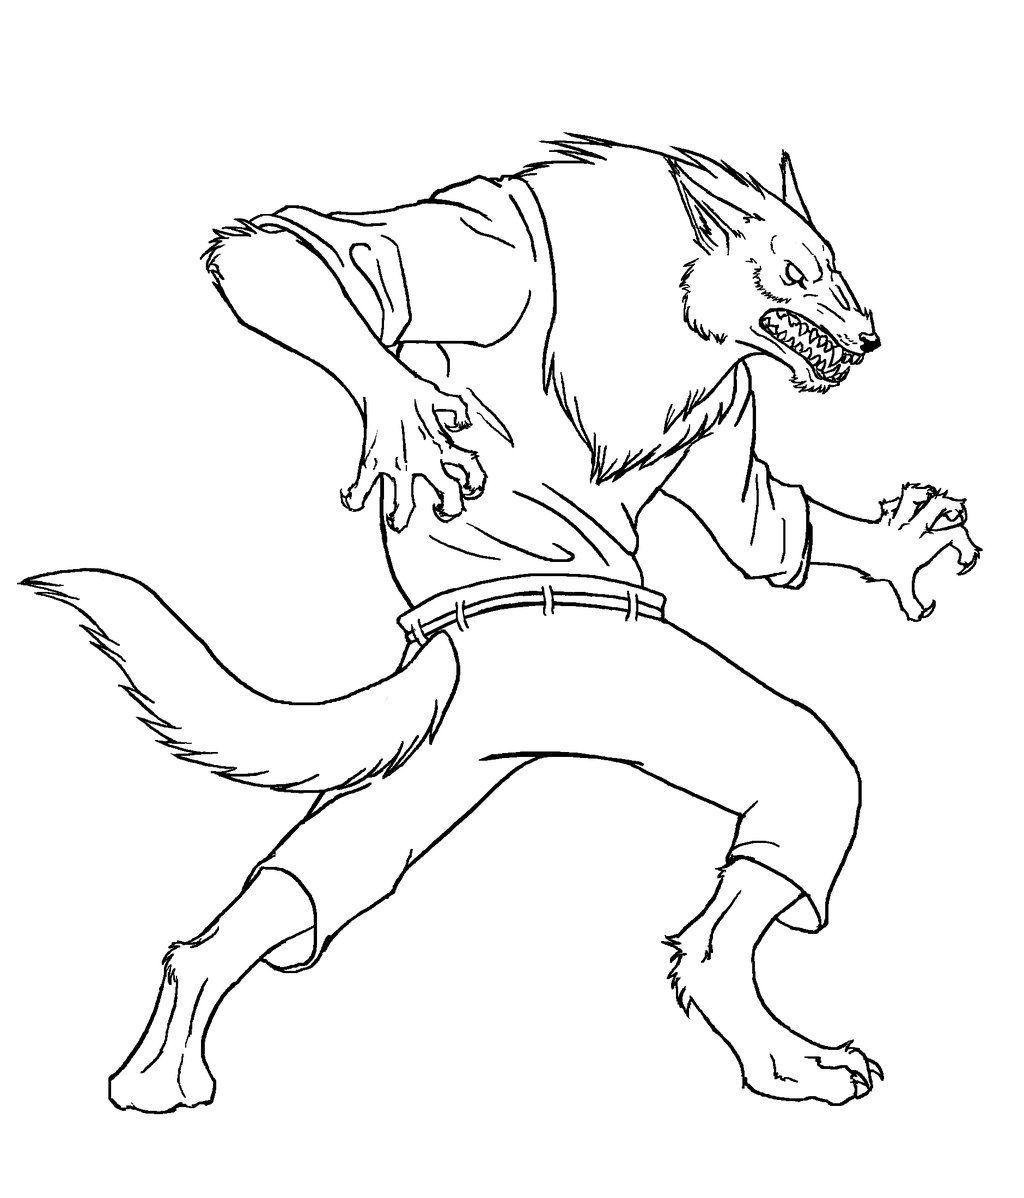 Werewolf Line Art By Pandadrake D30zv21 Jpg 1024 1198 Werewolf